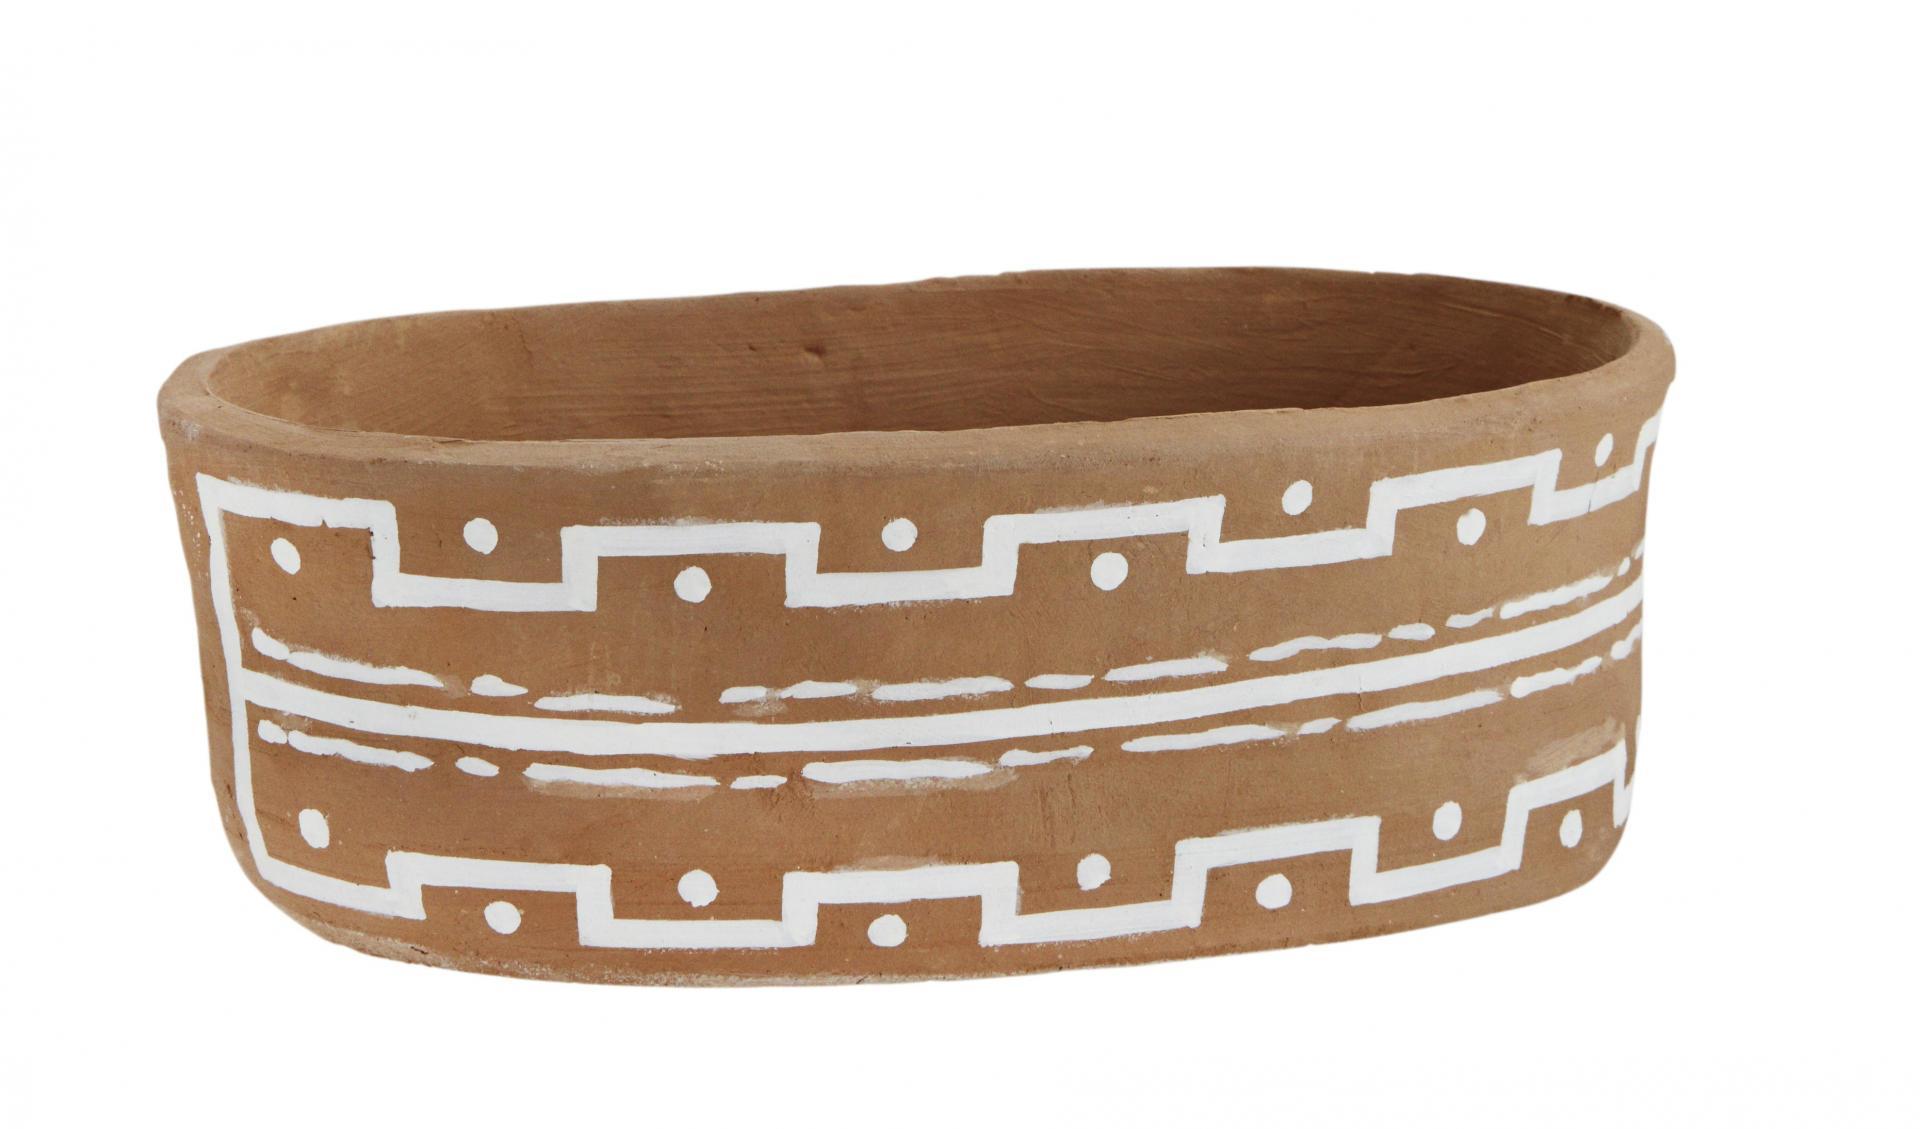 MADAM STOLTZ Hliněný květináč Clay Oval, bílá barva, hnědá barva, keramika